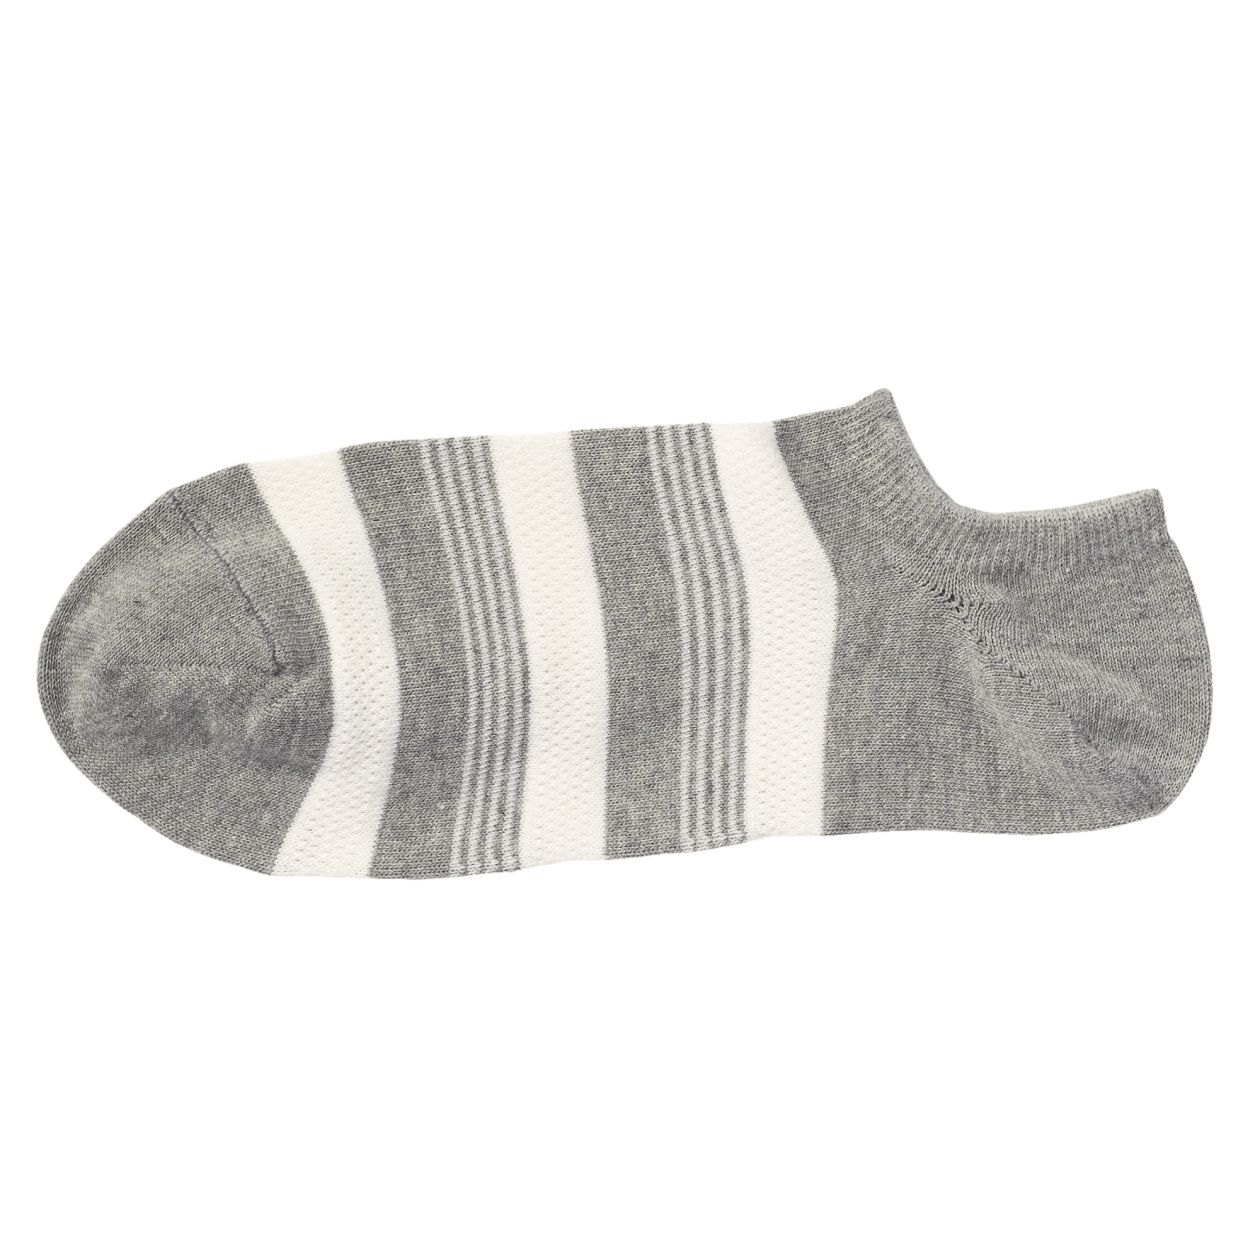 足なり直角 部分メッシュ編み スニーカーイン靴下(ボーダー/紳士・えらべる)